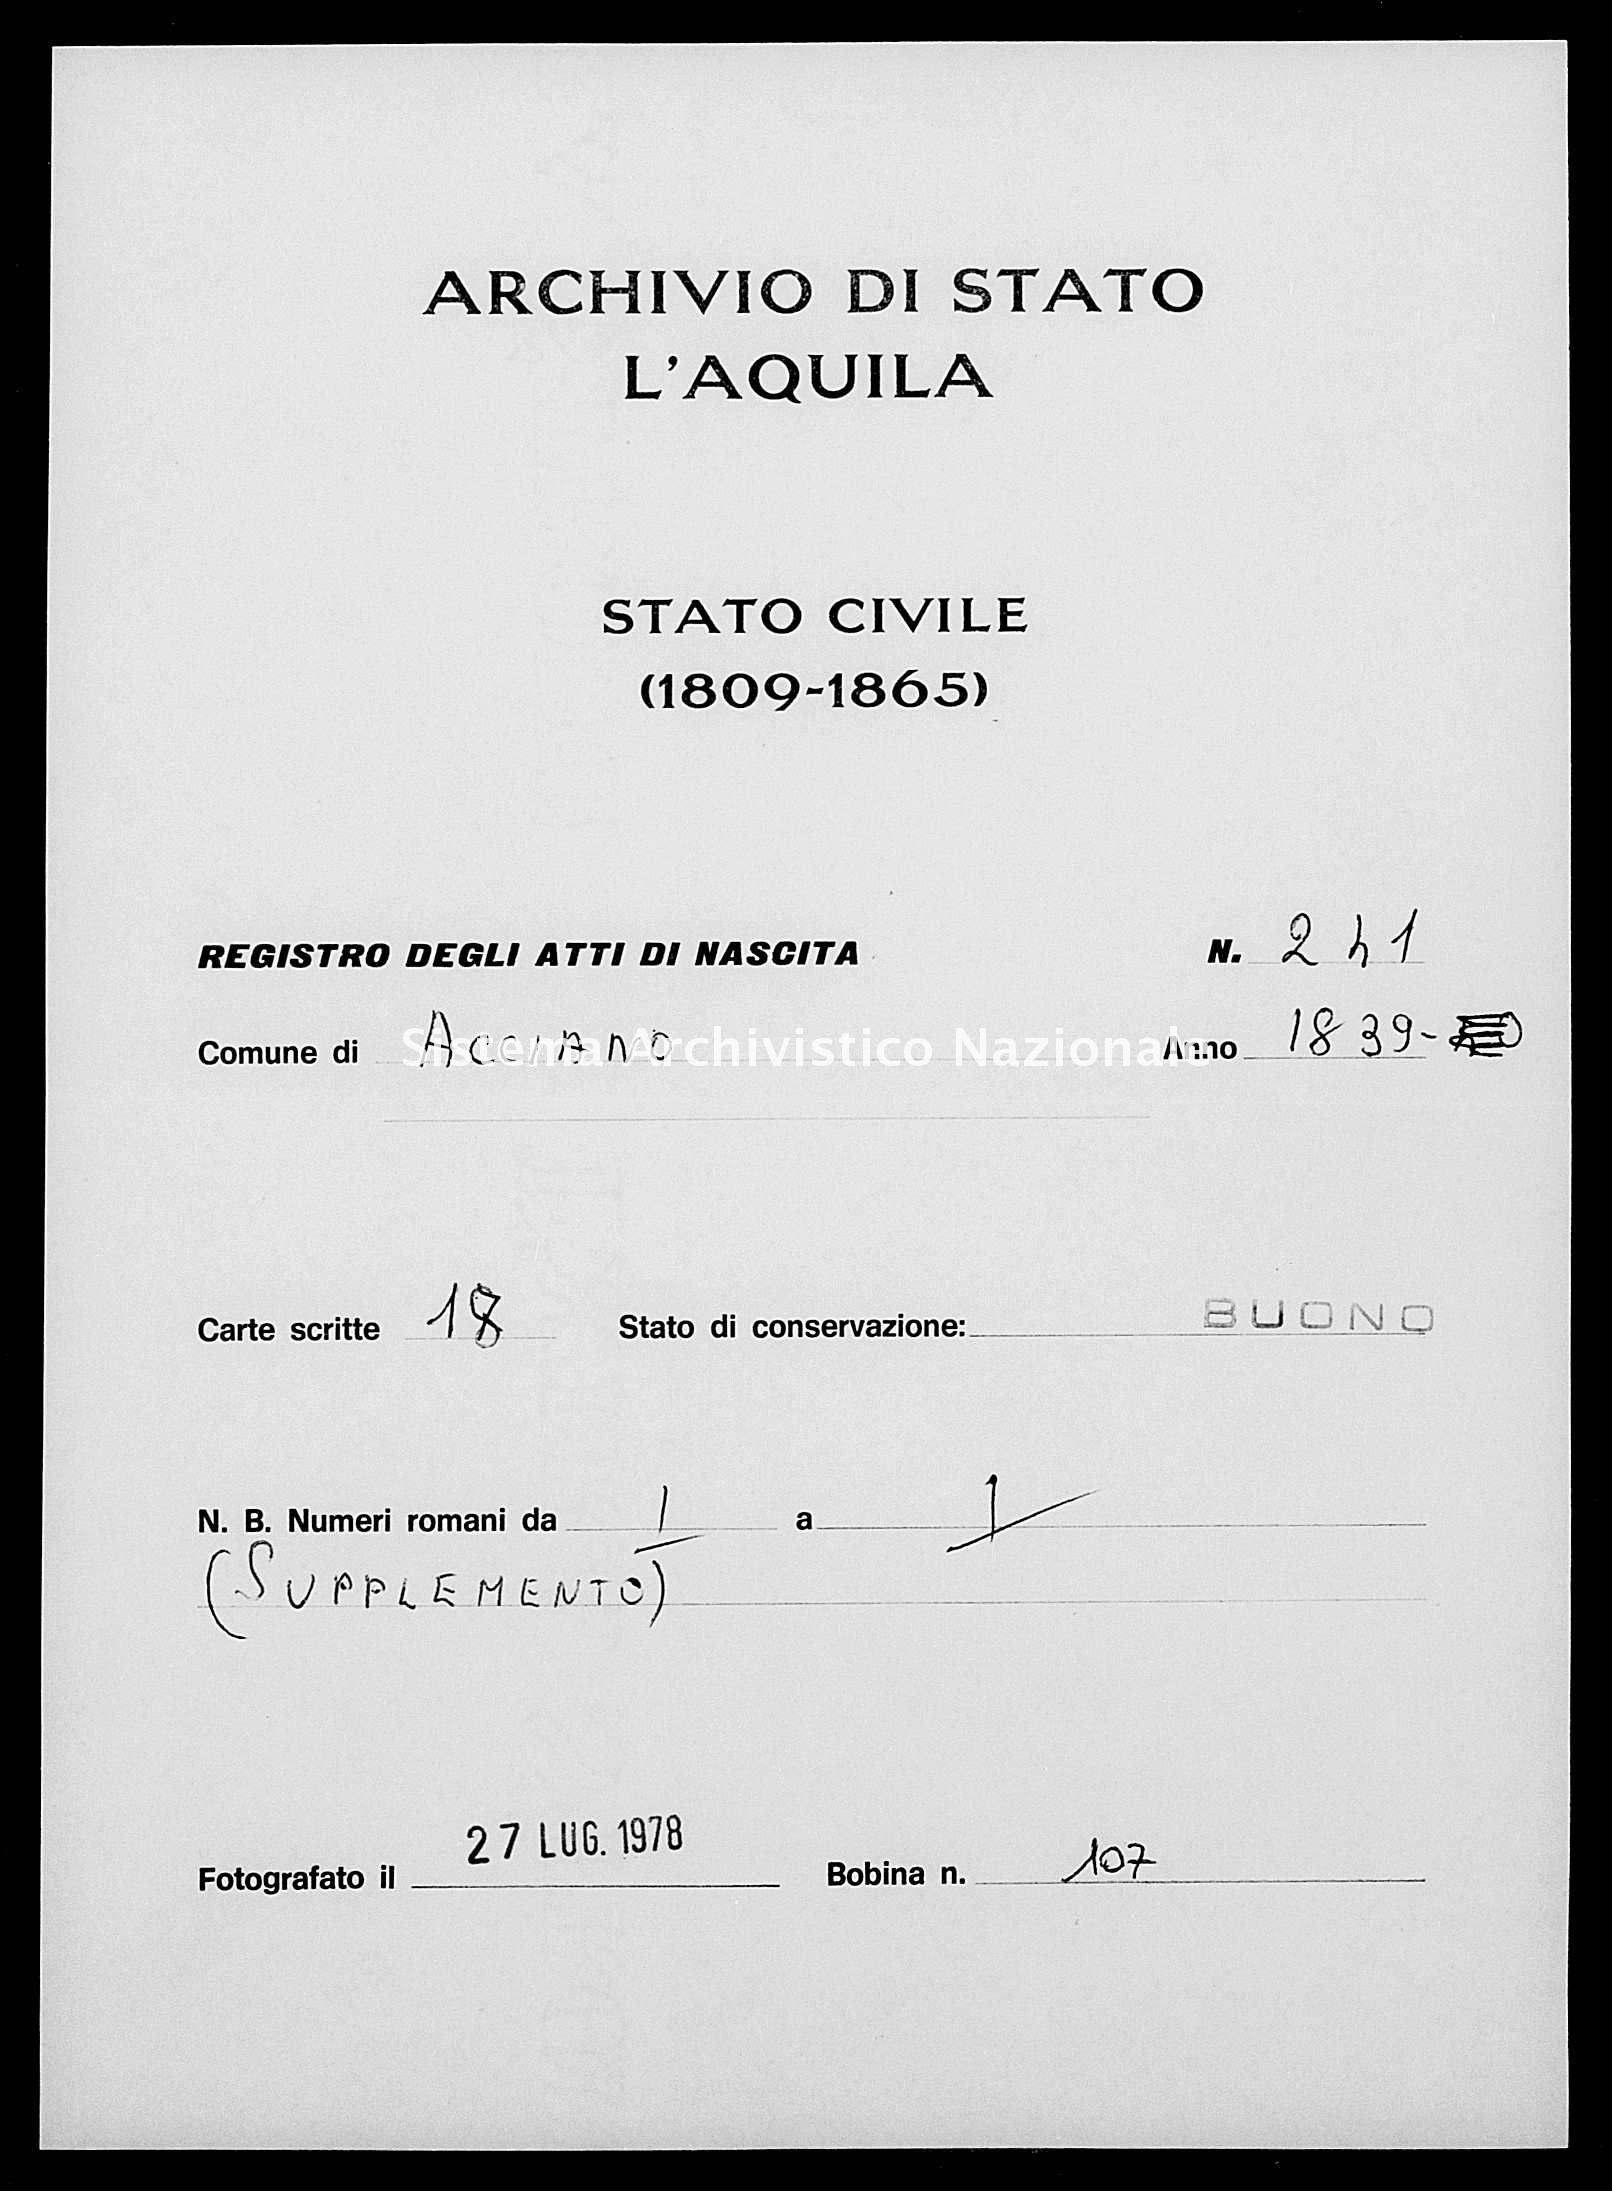 Archivio di stato di L'aquila - Stato civile della restaurazione - Acciano - Nati - 1839 - 241 -